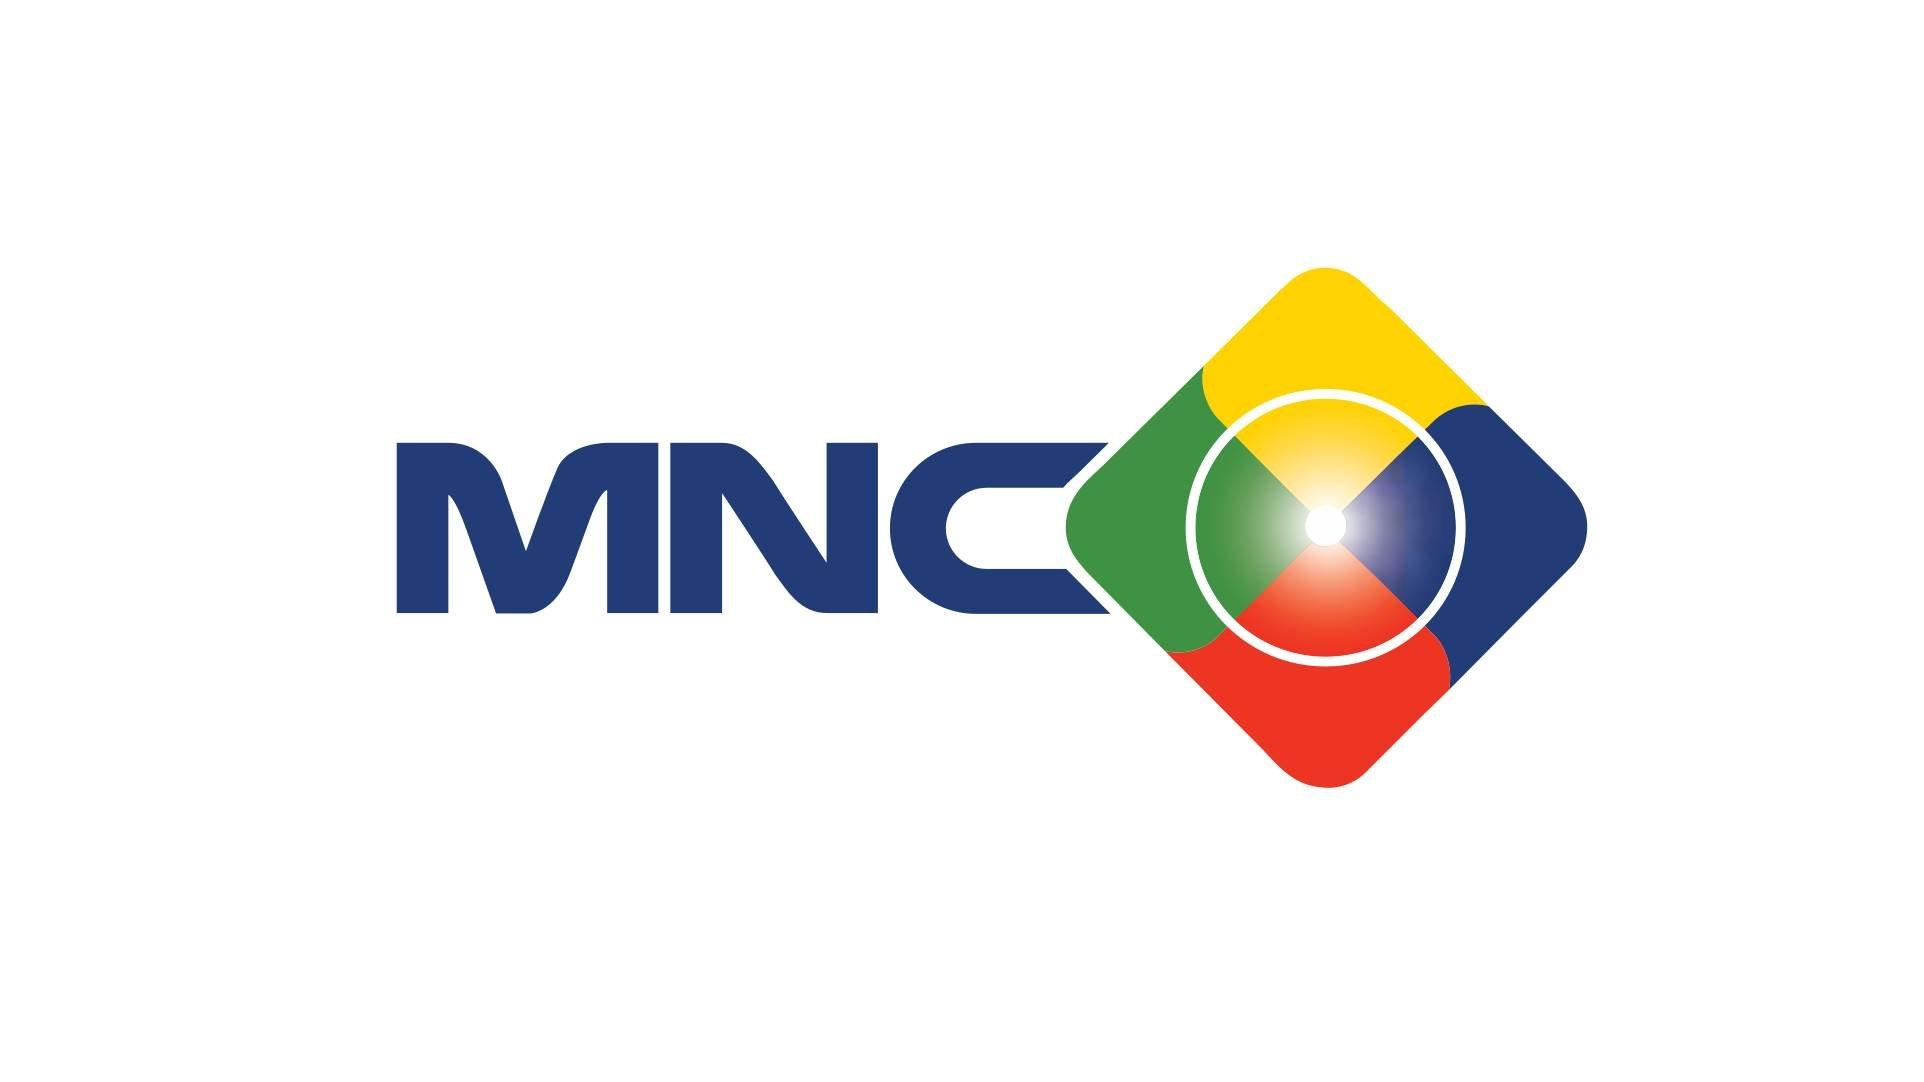 Logo emiten saham MNCN